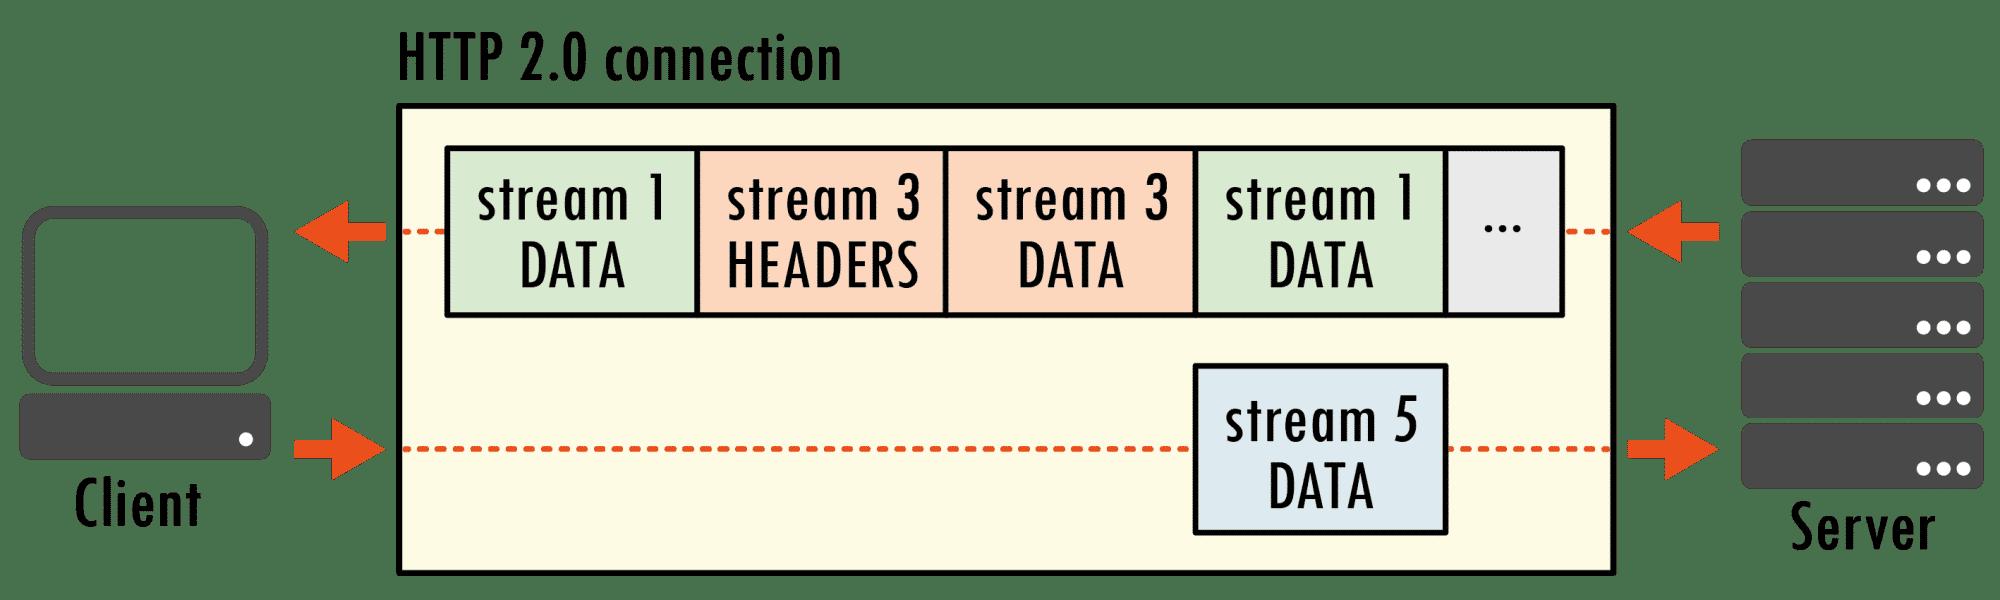 Client und Server können per HTTP 2.0 Daten bidirektional im Binärformat übermitteln. Besonders nützlich für den Client ist das neue Kompressionsverfahren, mittels dem er Frame-Header schrumpft und so den Durchsatz auf schmalen Uplinks verbessert.